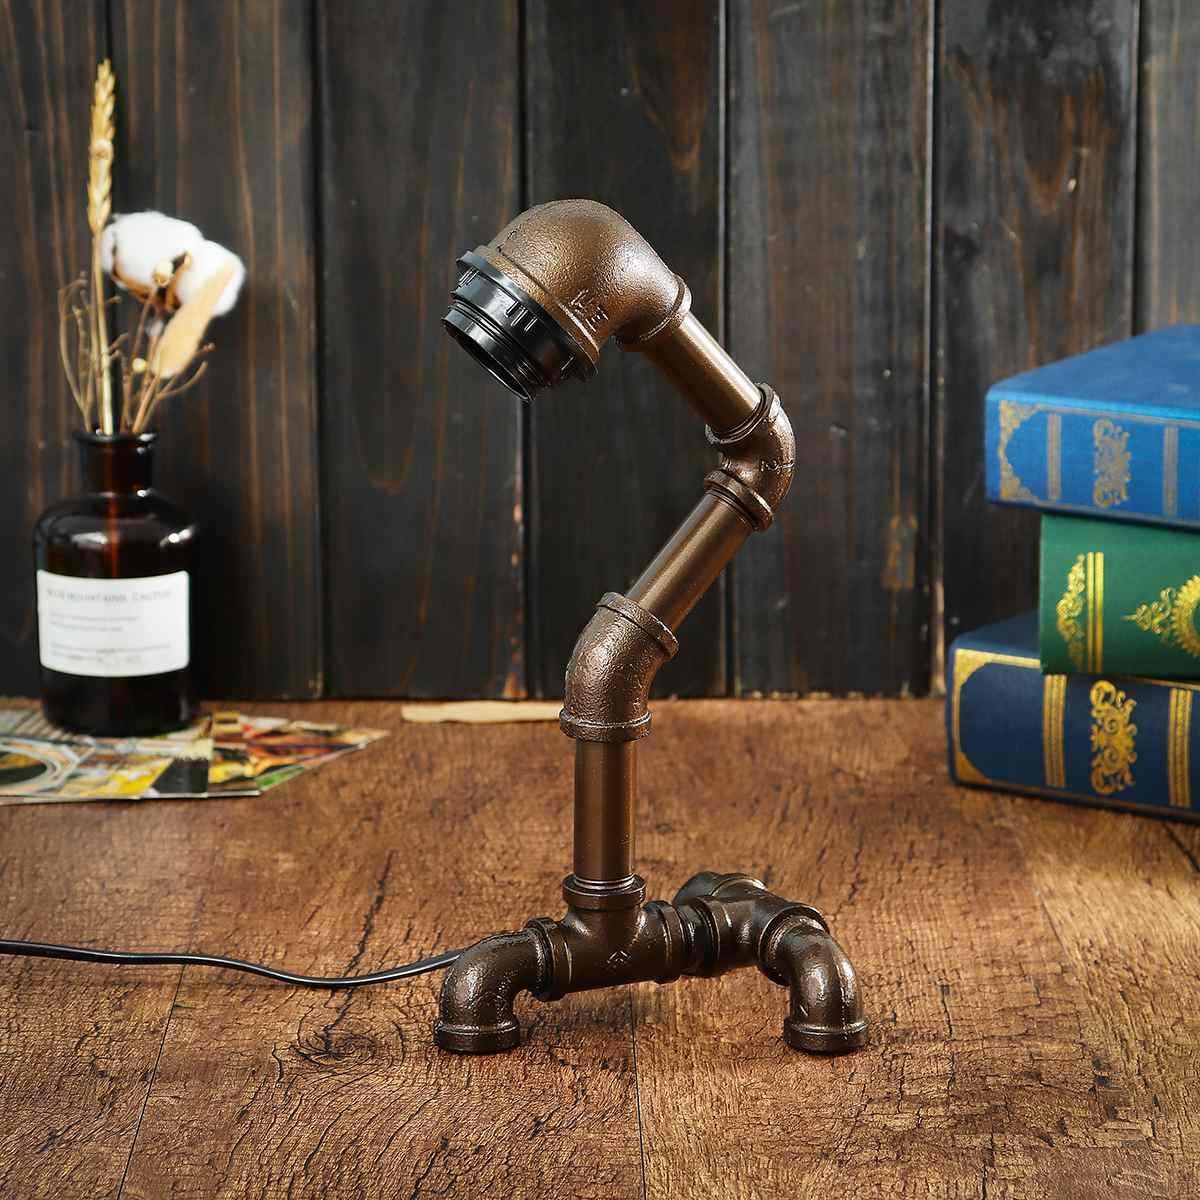 Винтаж E27 лампы промышленная водопроводная труба настольная лампа крепления для фонаря домашние Спальня украшения подарки